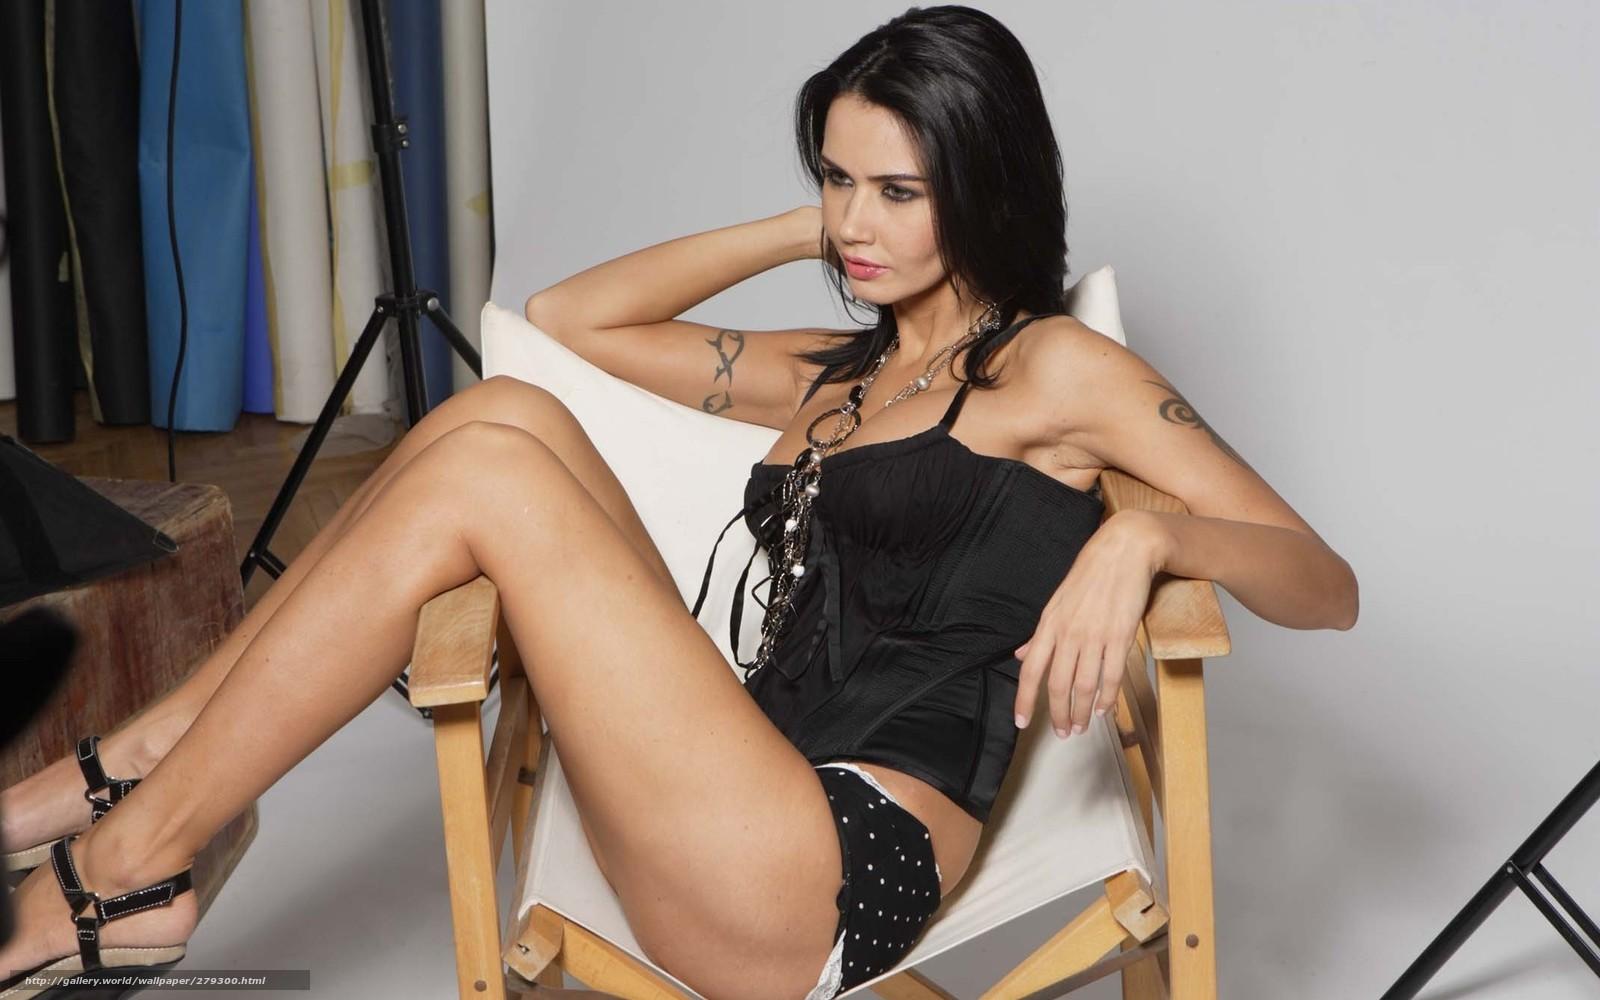 Сексуальная девушка смотреть онлайн 5 фотография